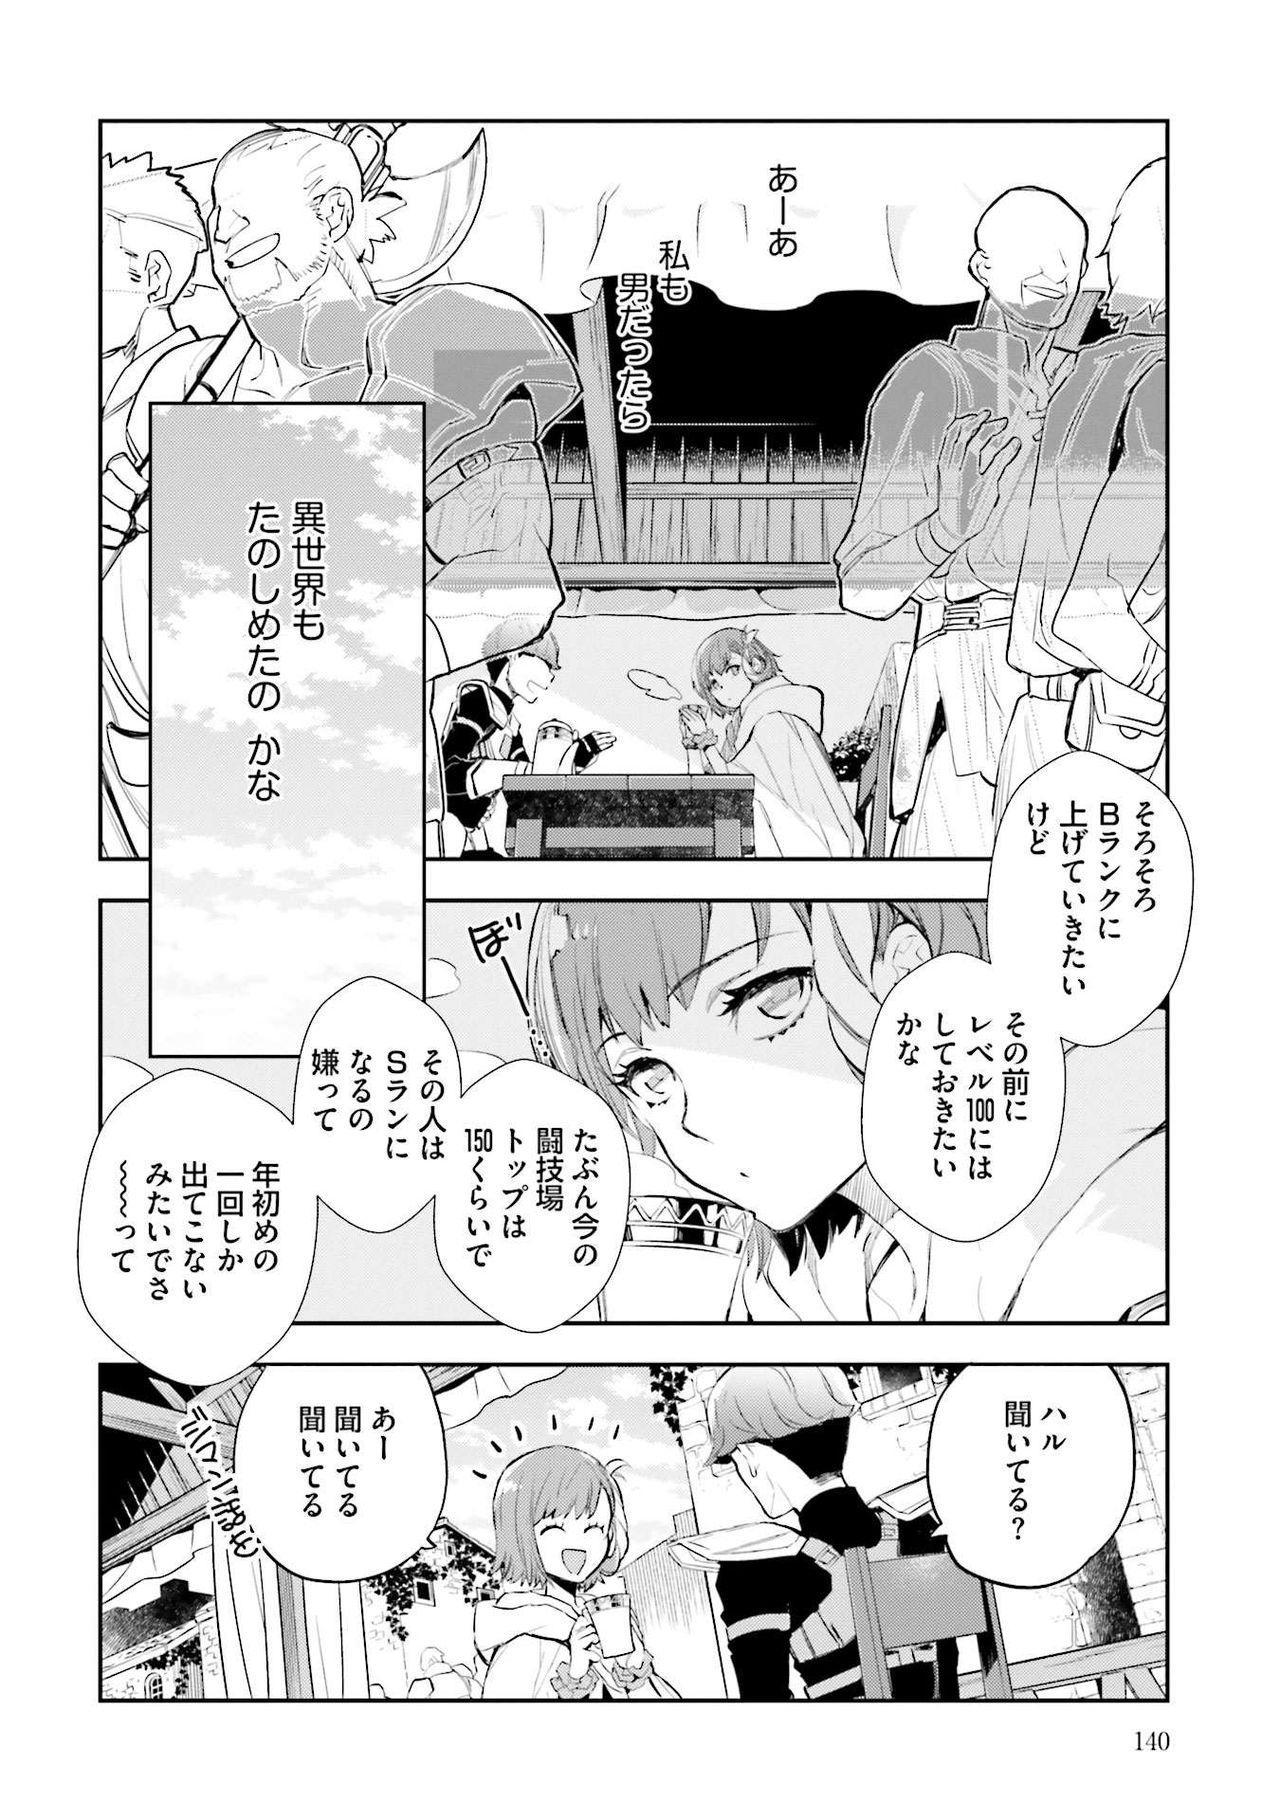 JK Haru wa Isekai de Shoufu ni Natta 1-14 141